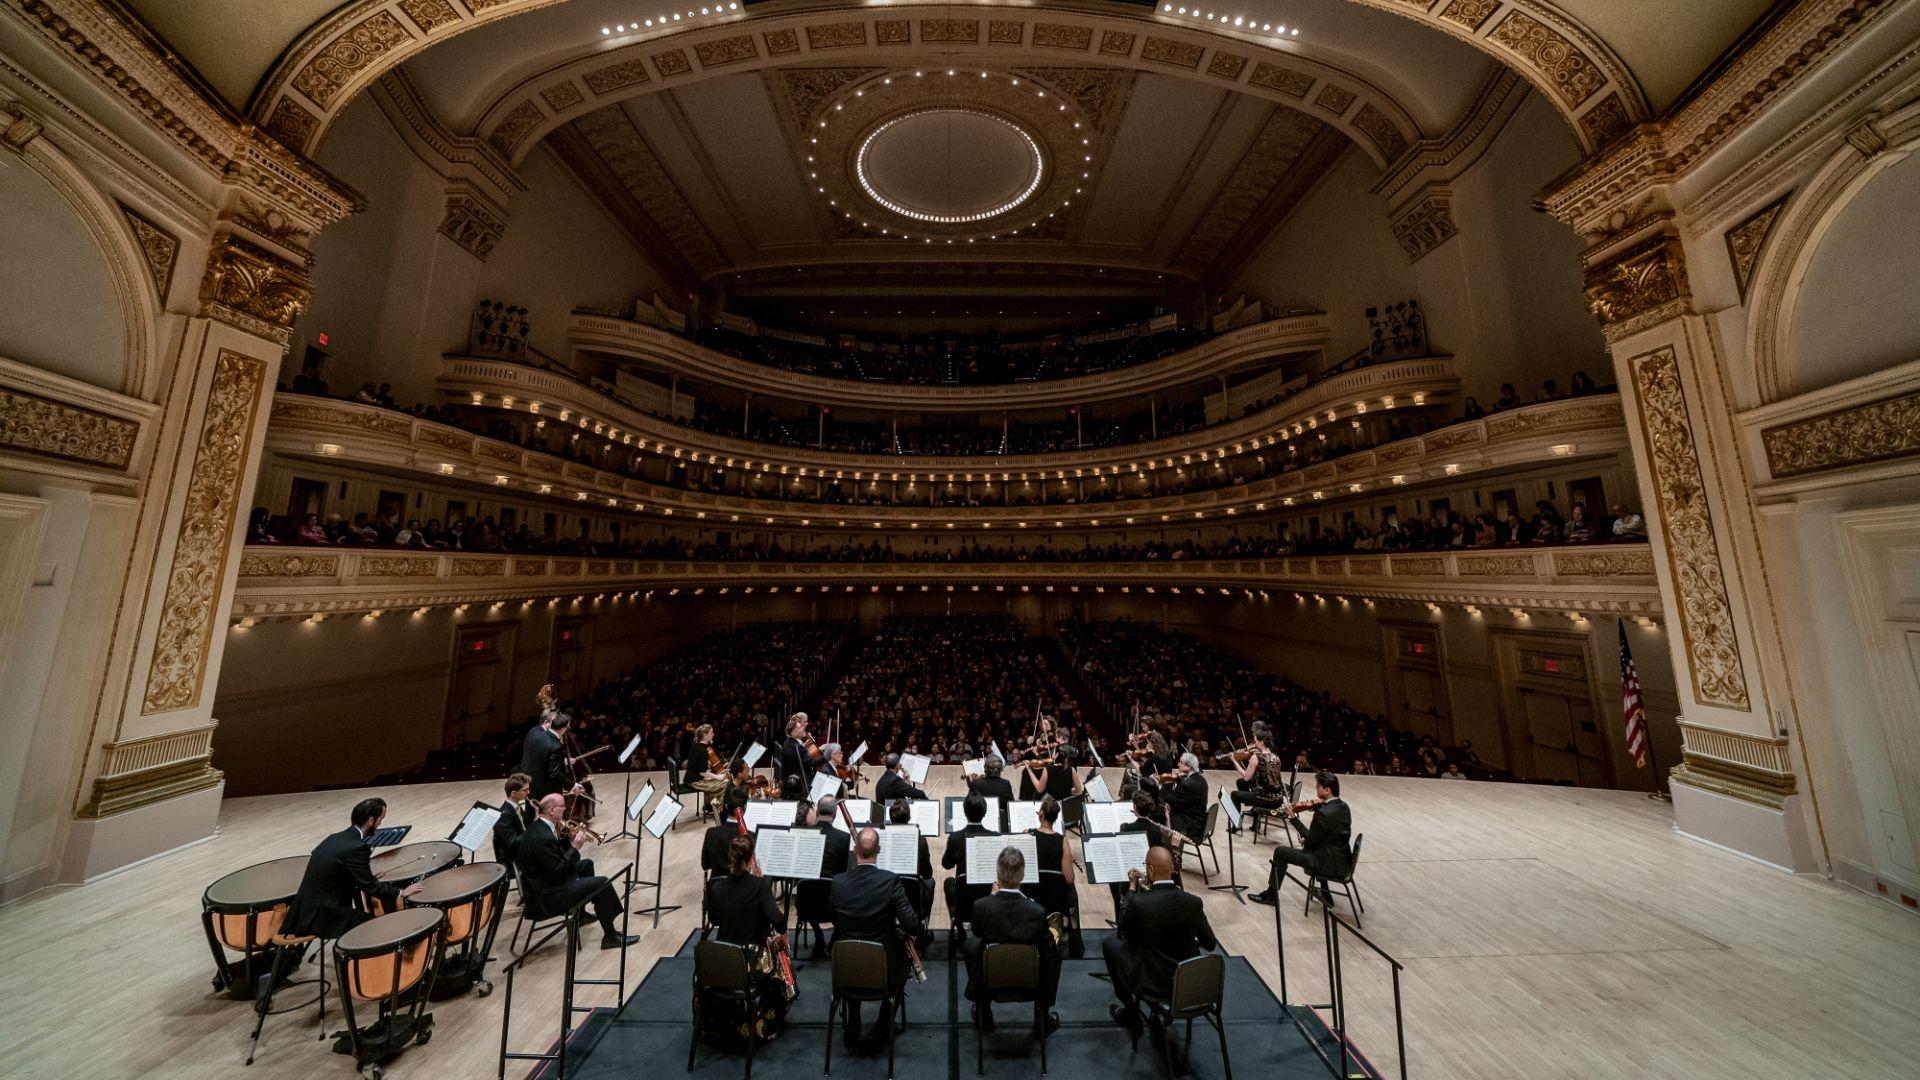 Carnegie Hall by Fadi Kheir